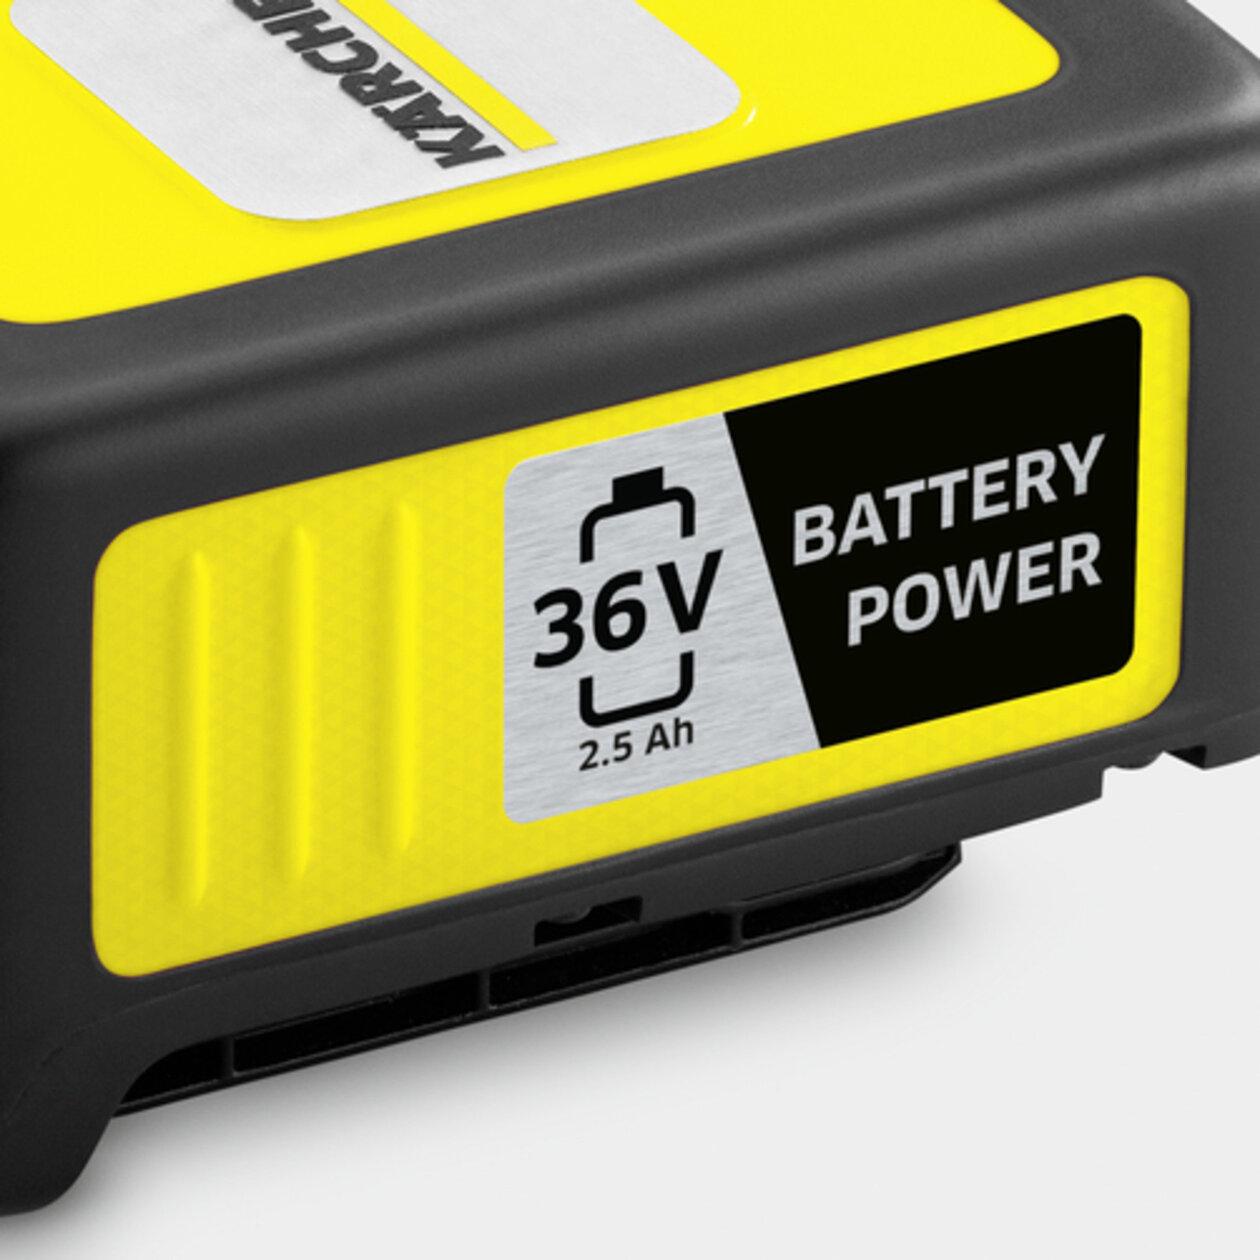 Baterie 36V / 5,0Ah: Bateriová platforma 36 V Battery Power